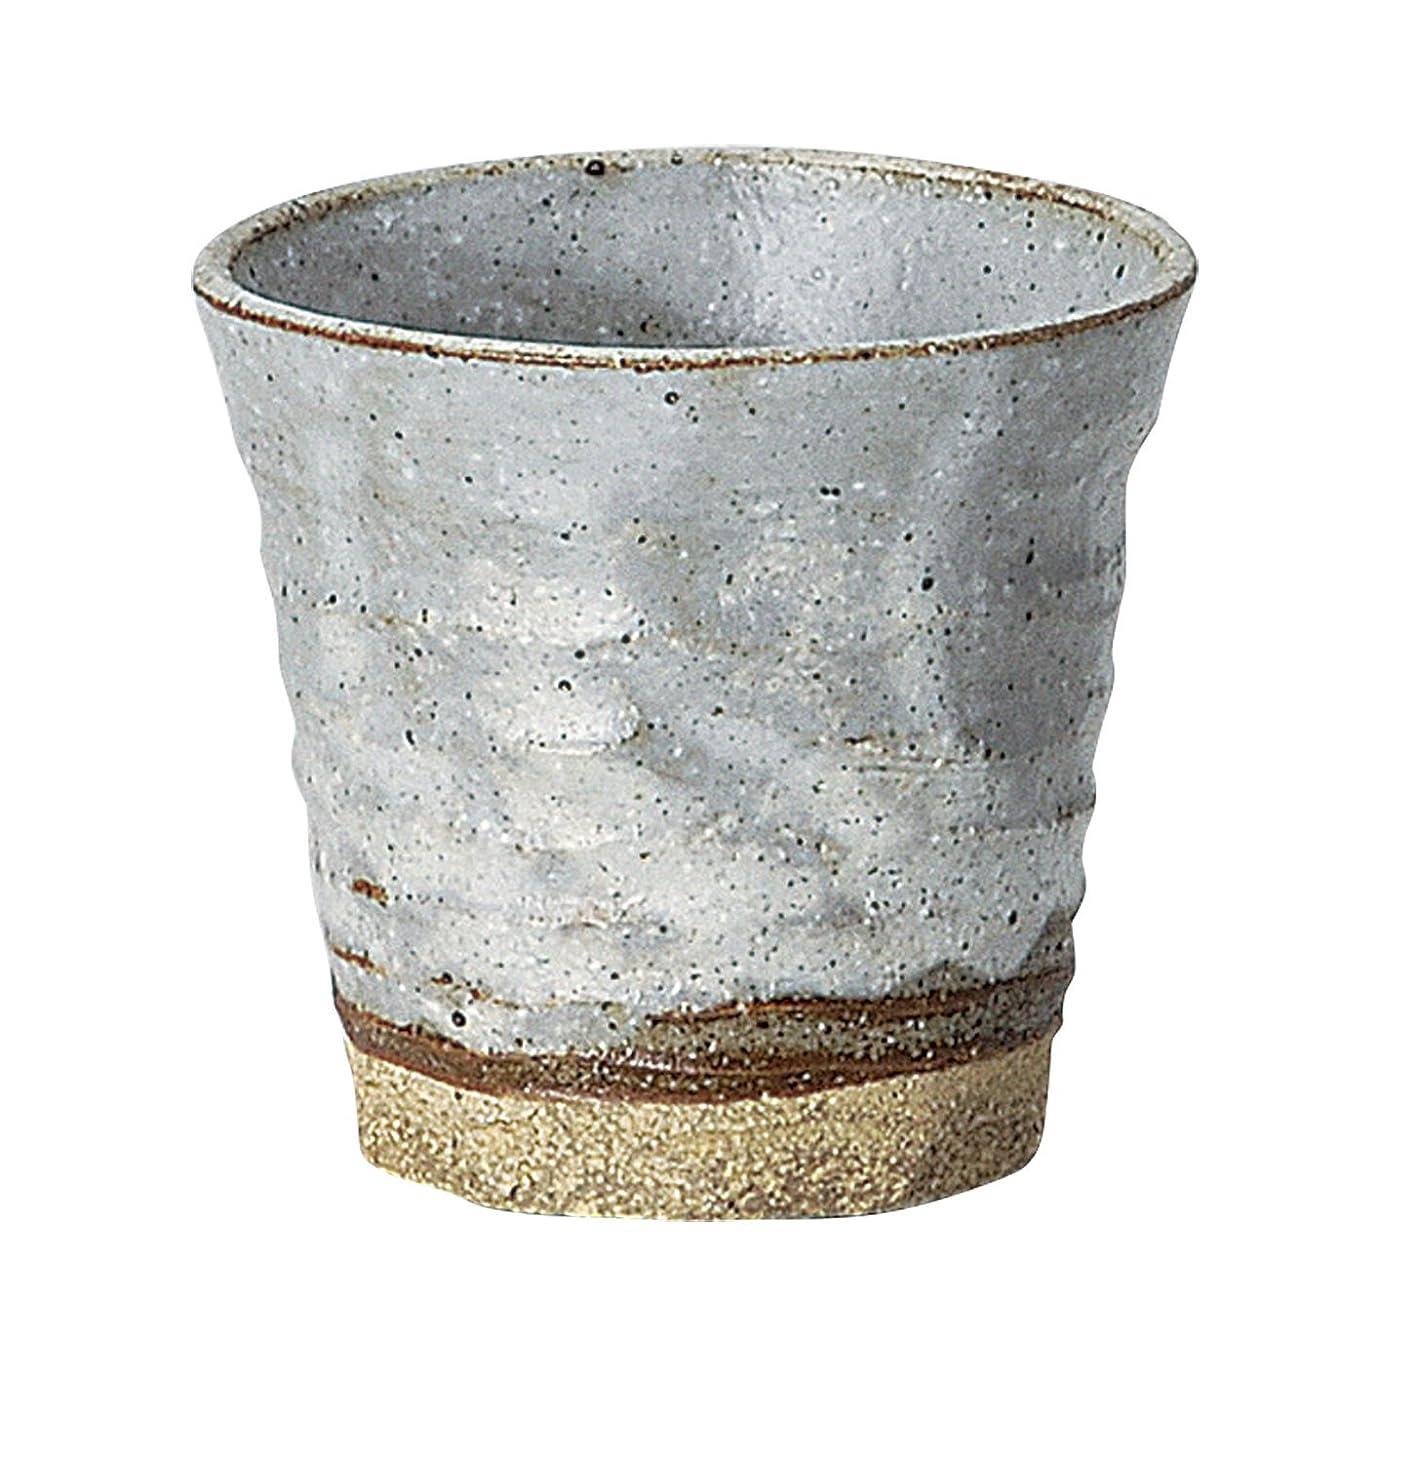 側証明する有害な宗峰窯 陶器 タンブラー 粉引 フリーカップ 白 280cc 354-11-233